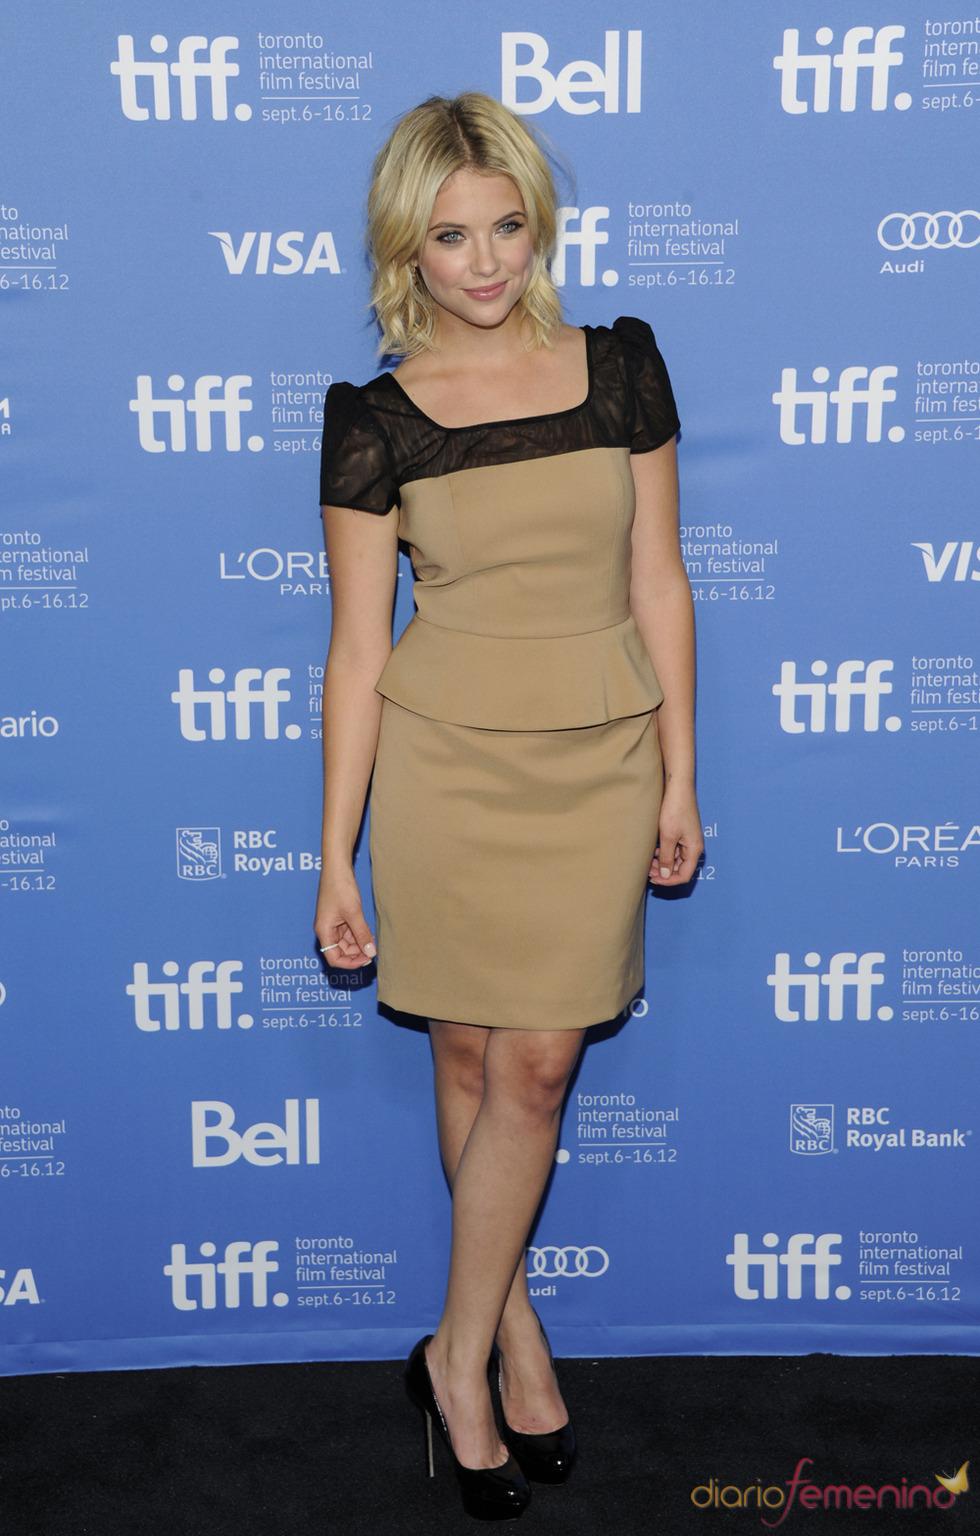 Ashley Benson, protagonista de Spring Breakers posa durante la presentación en Toronto